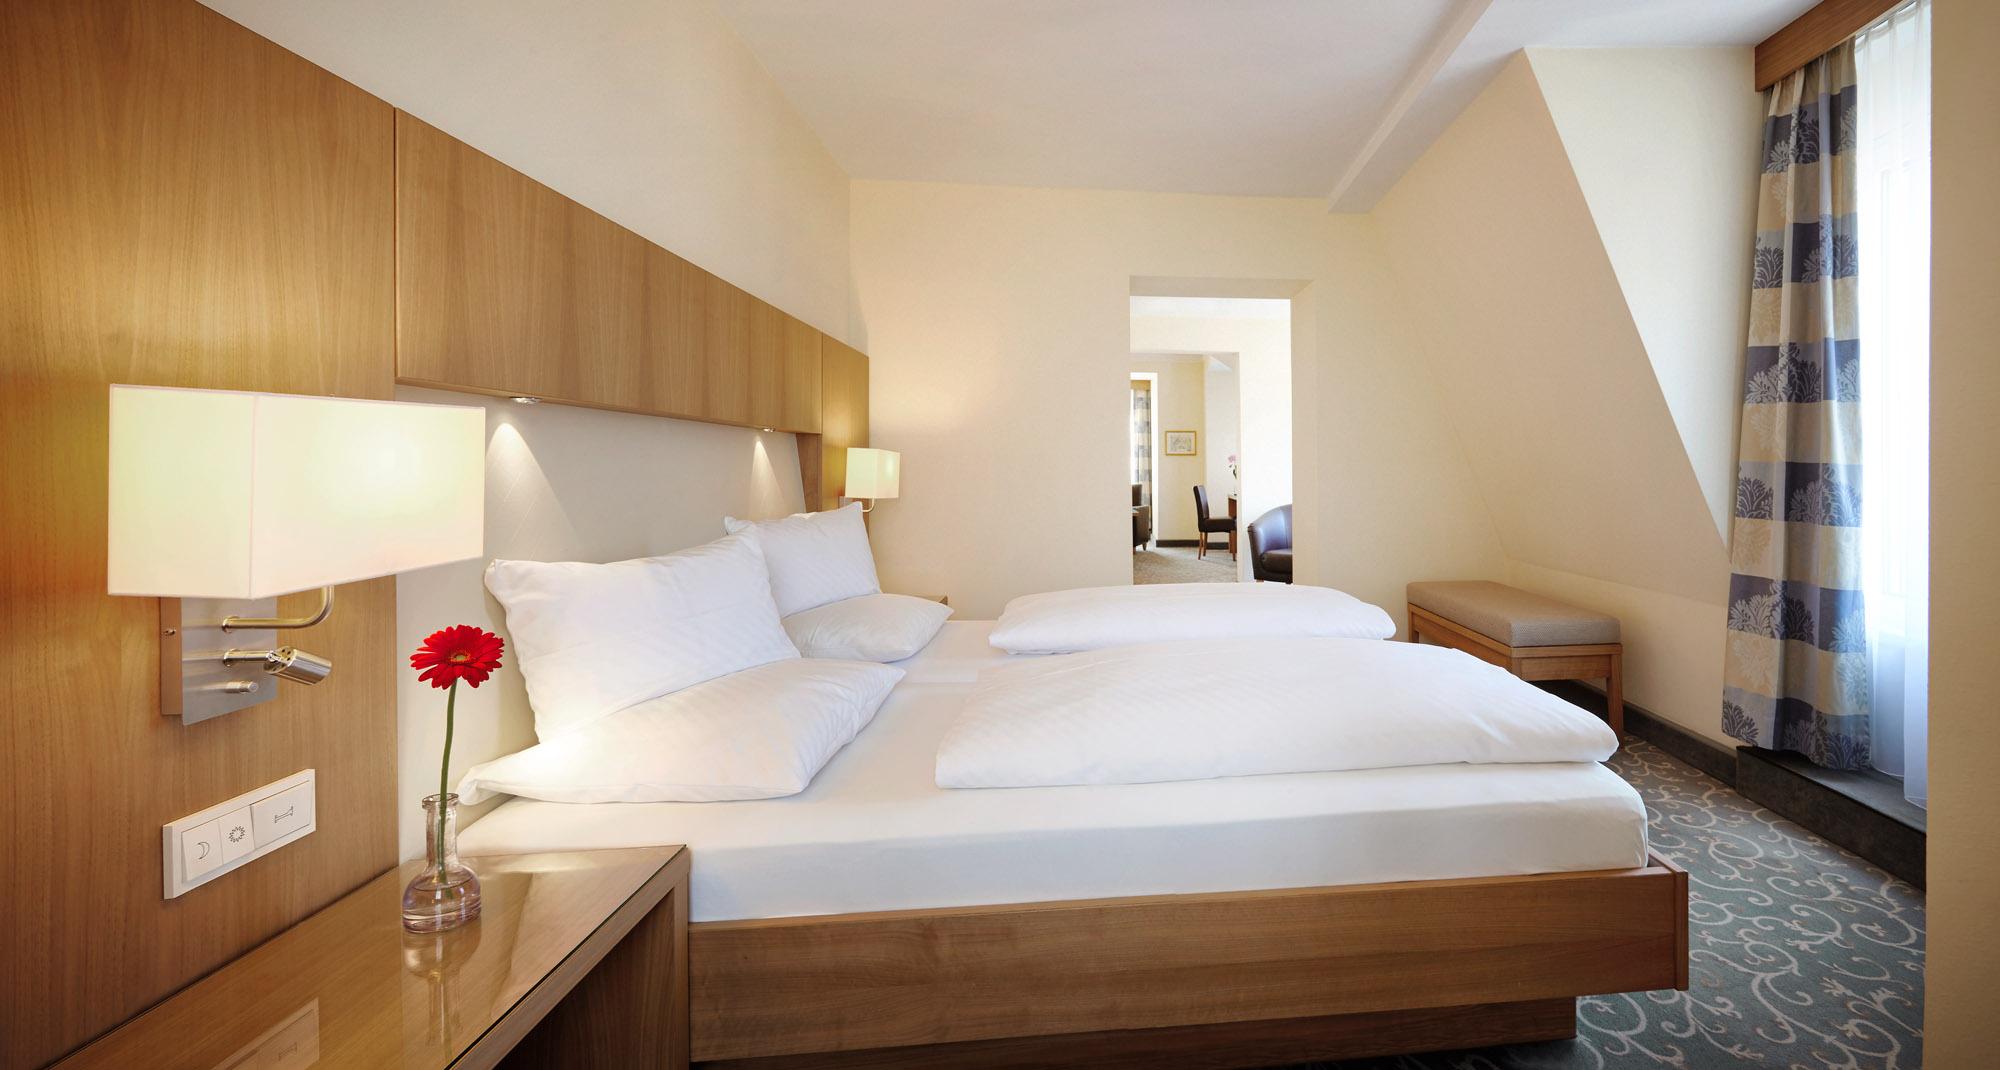 Schlafbereich Suite: 2 Personen ab € 168,50 pro Nacht inklusive Frühstück